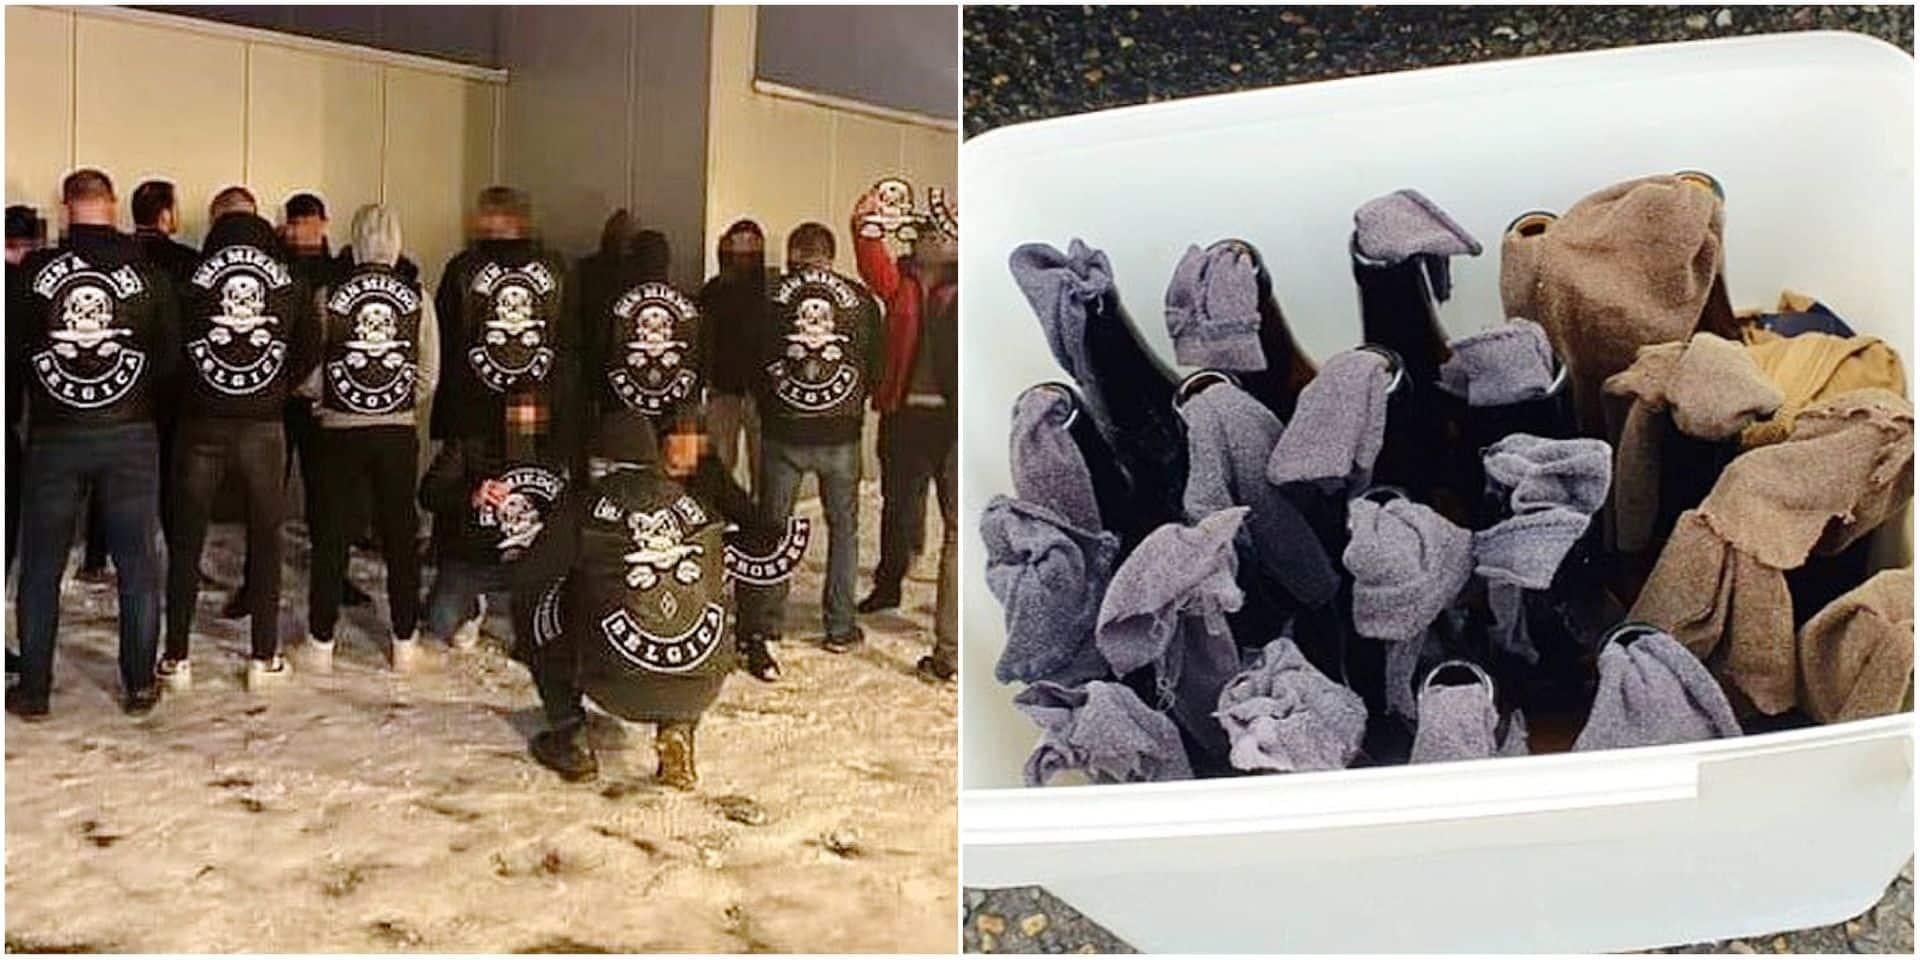 """Le gang, armé de bombes, """"craignait"""" les Bandidos"""